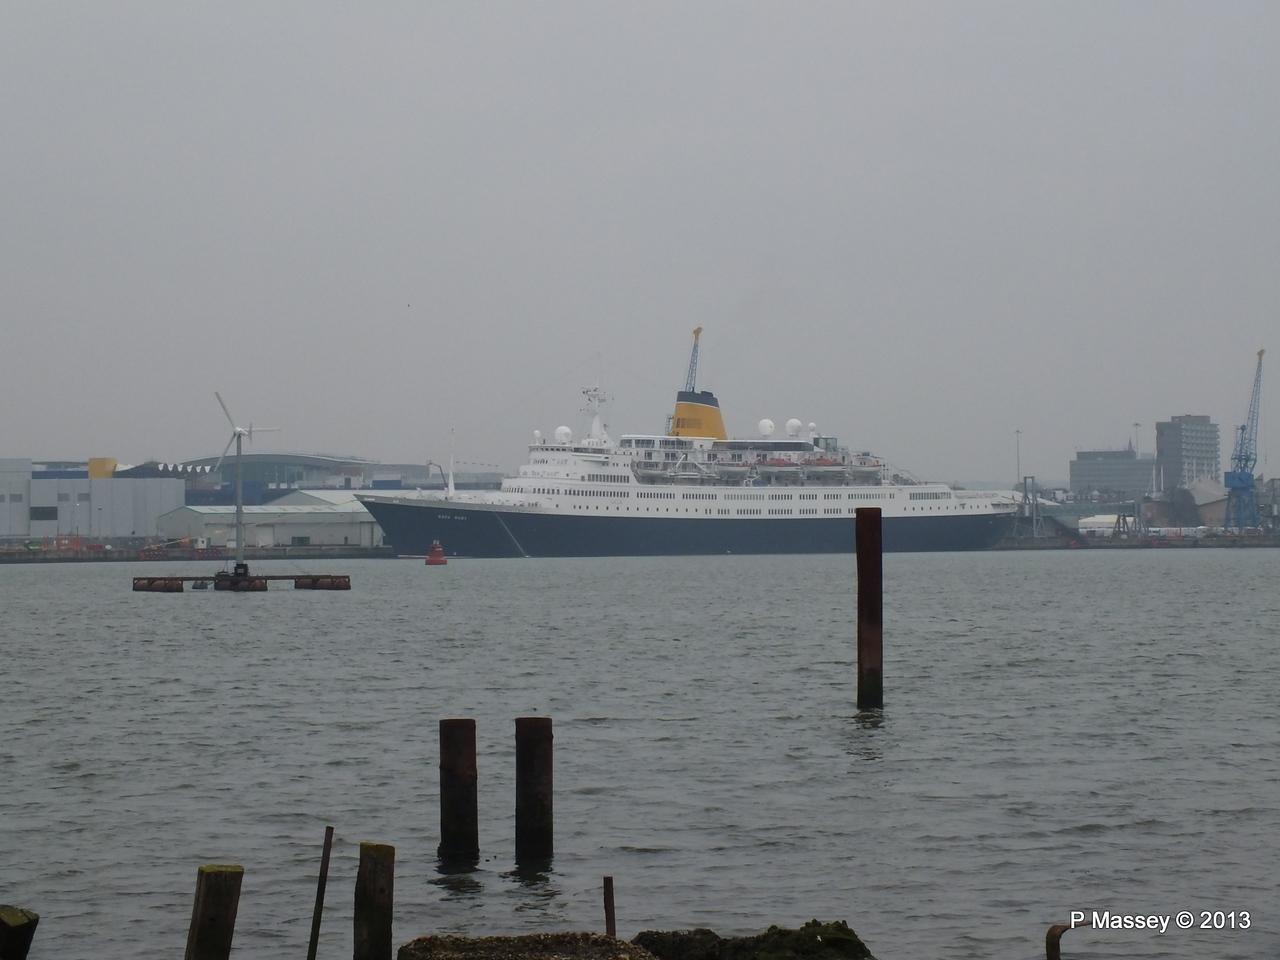 SAGA RUBY Southampton PDM 24-01-2013 11-35-59